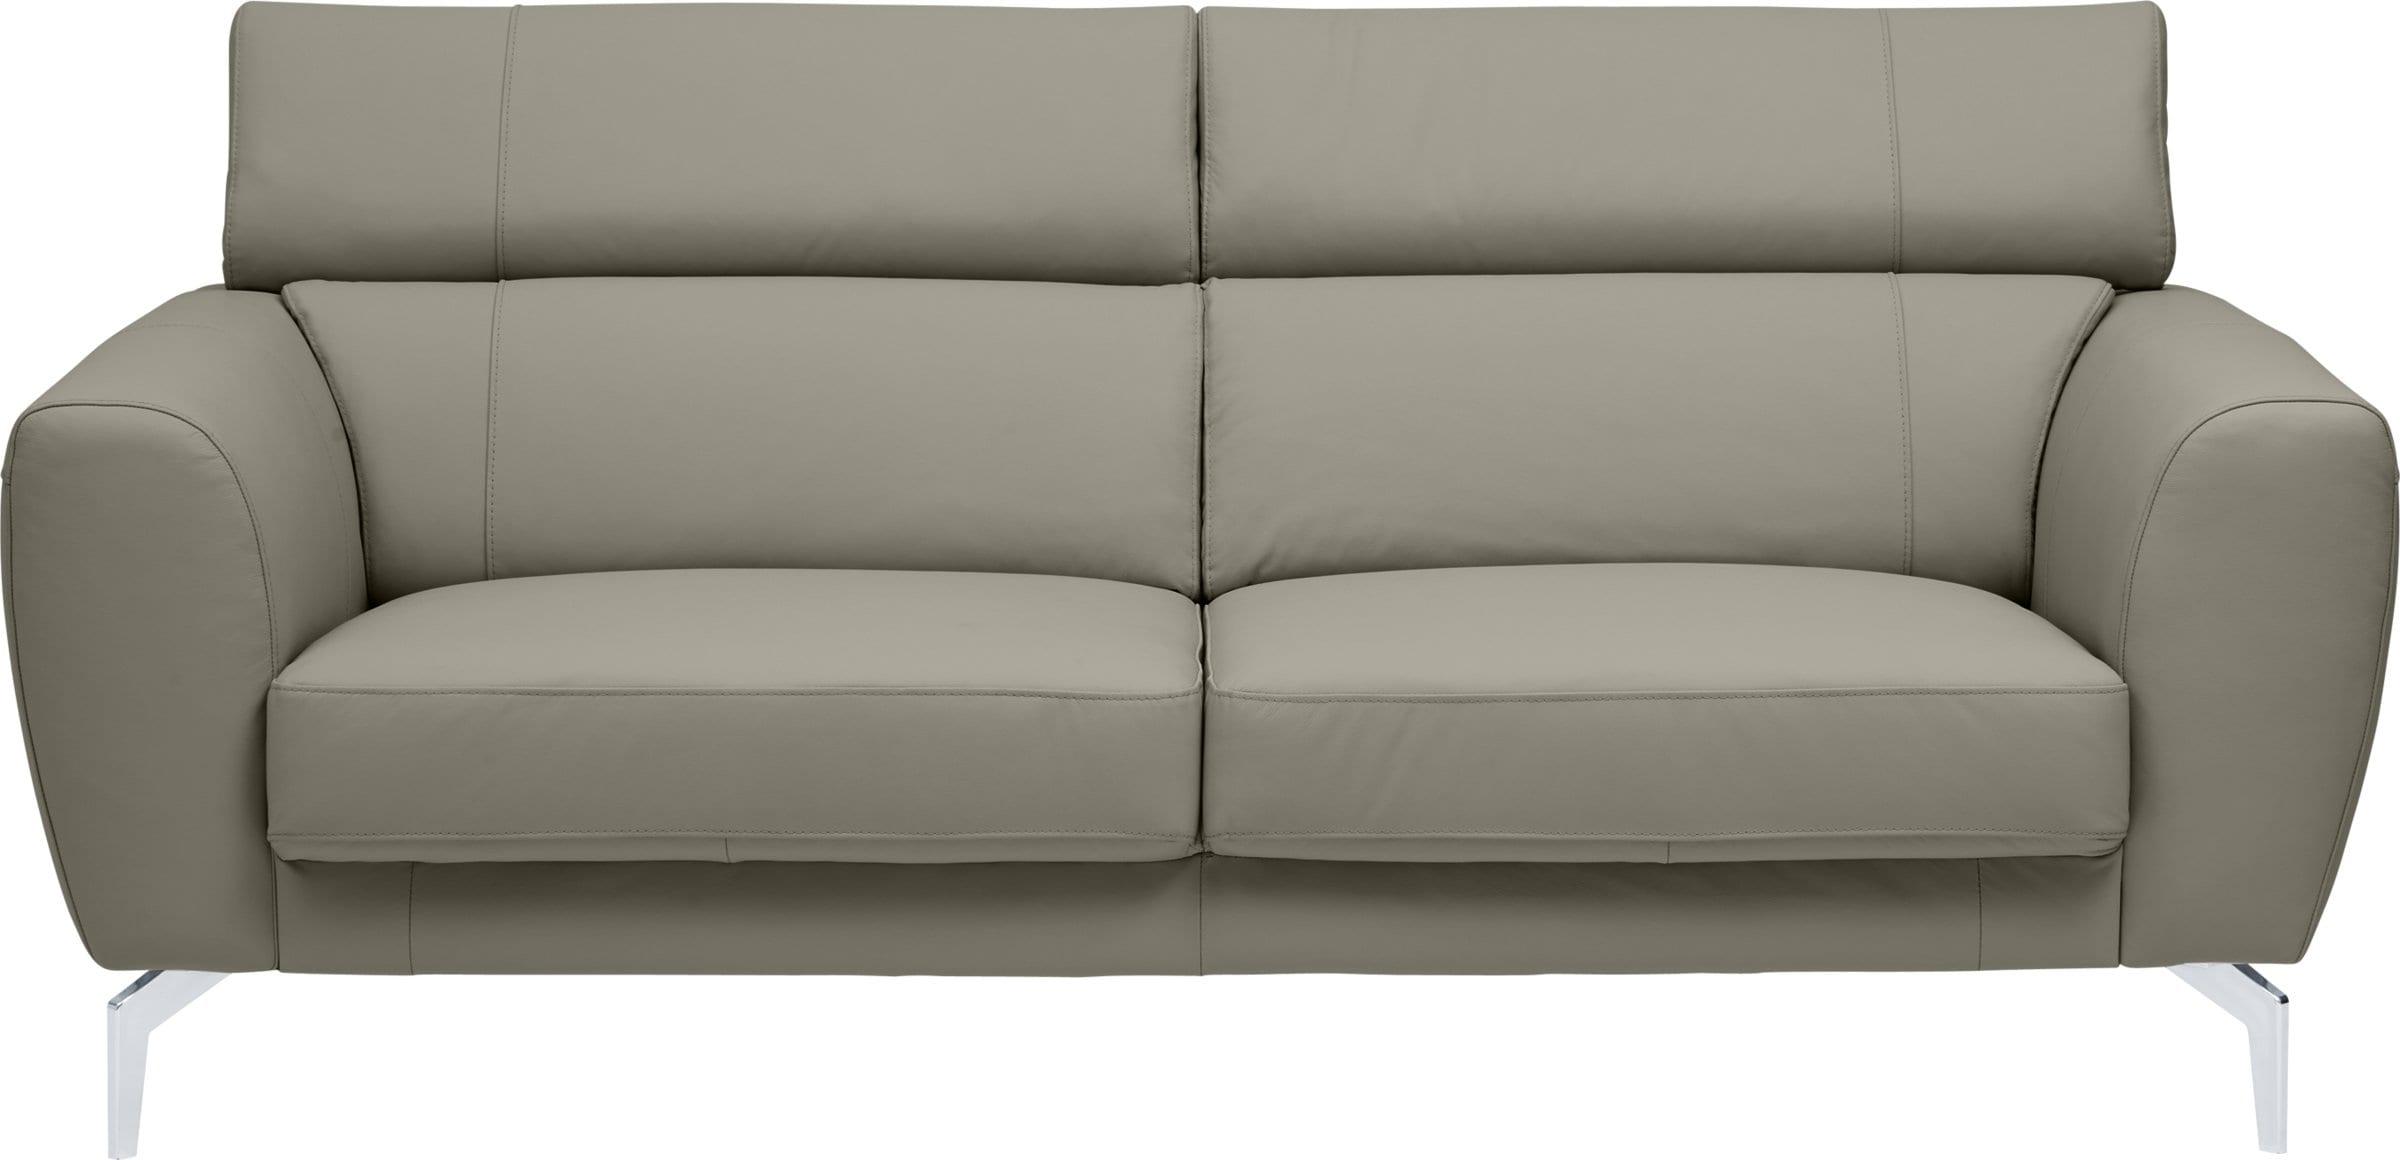 Schilling sofa oropendolaperu sofa schilling 100 images 52573 primanti w schillig usa parisarafo Images